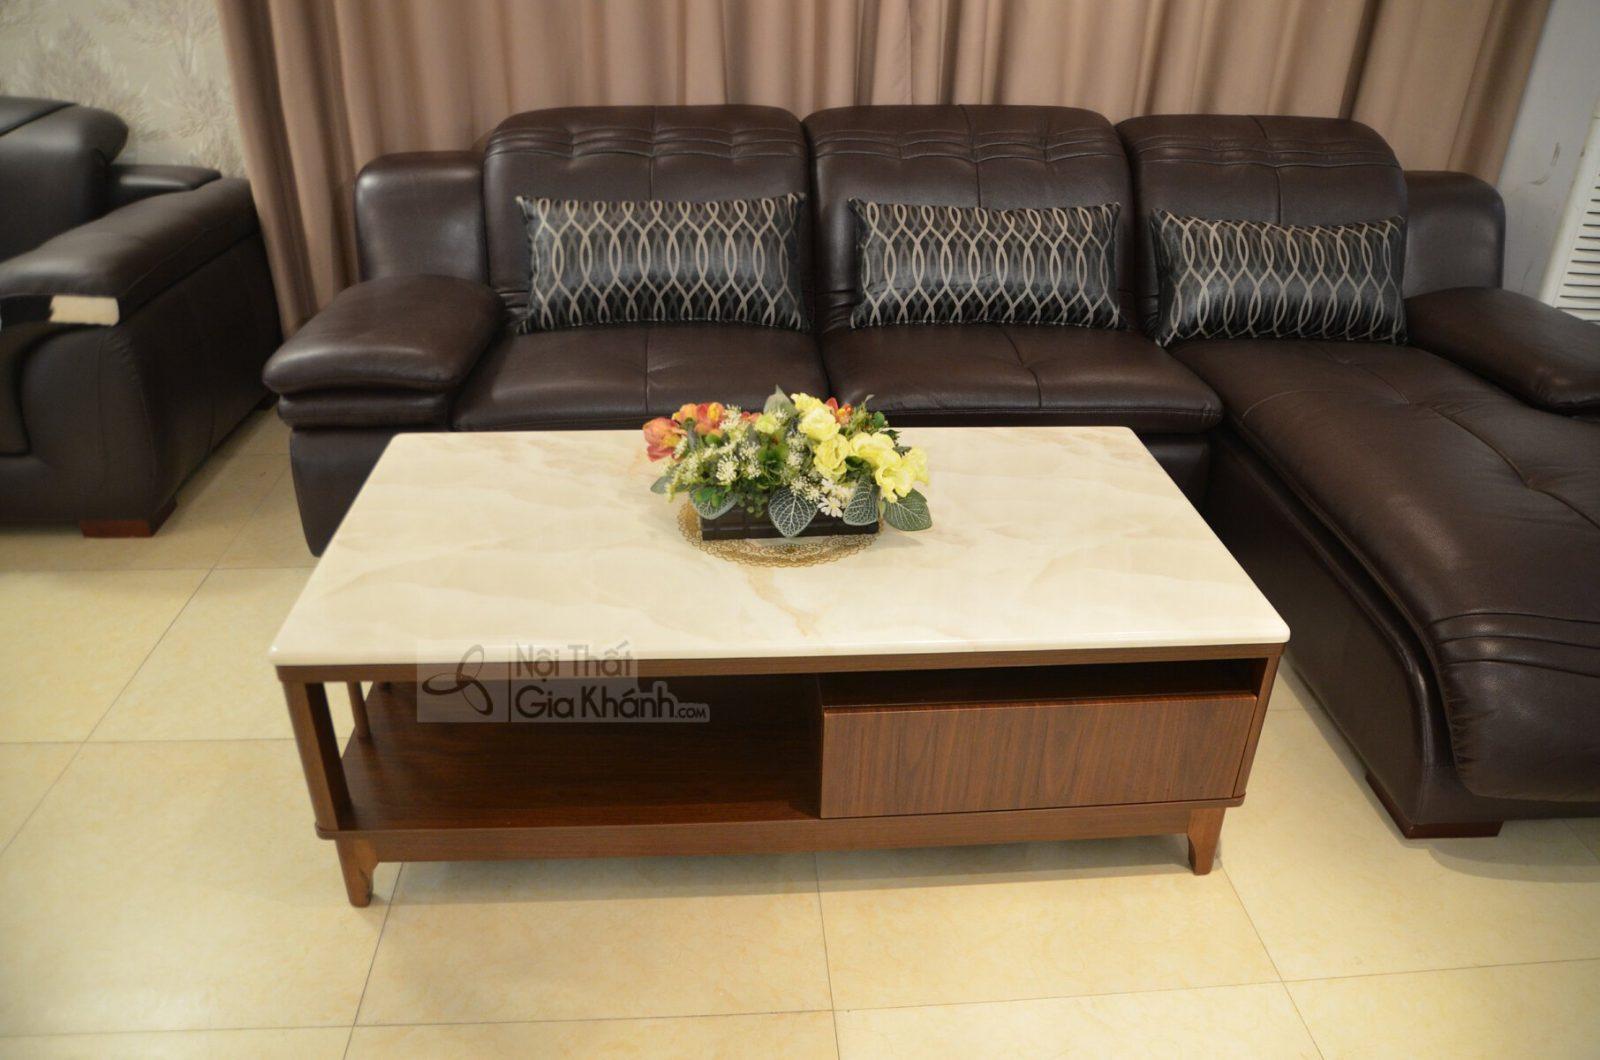 Bàn trà (Bàn Sofa) gỗ mặt đá hiện đại màu trắng HC5809+HC5800-2